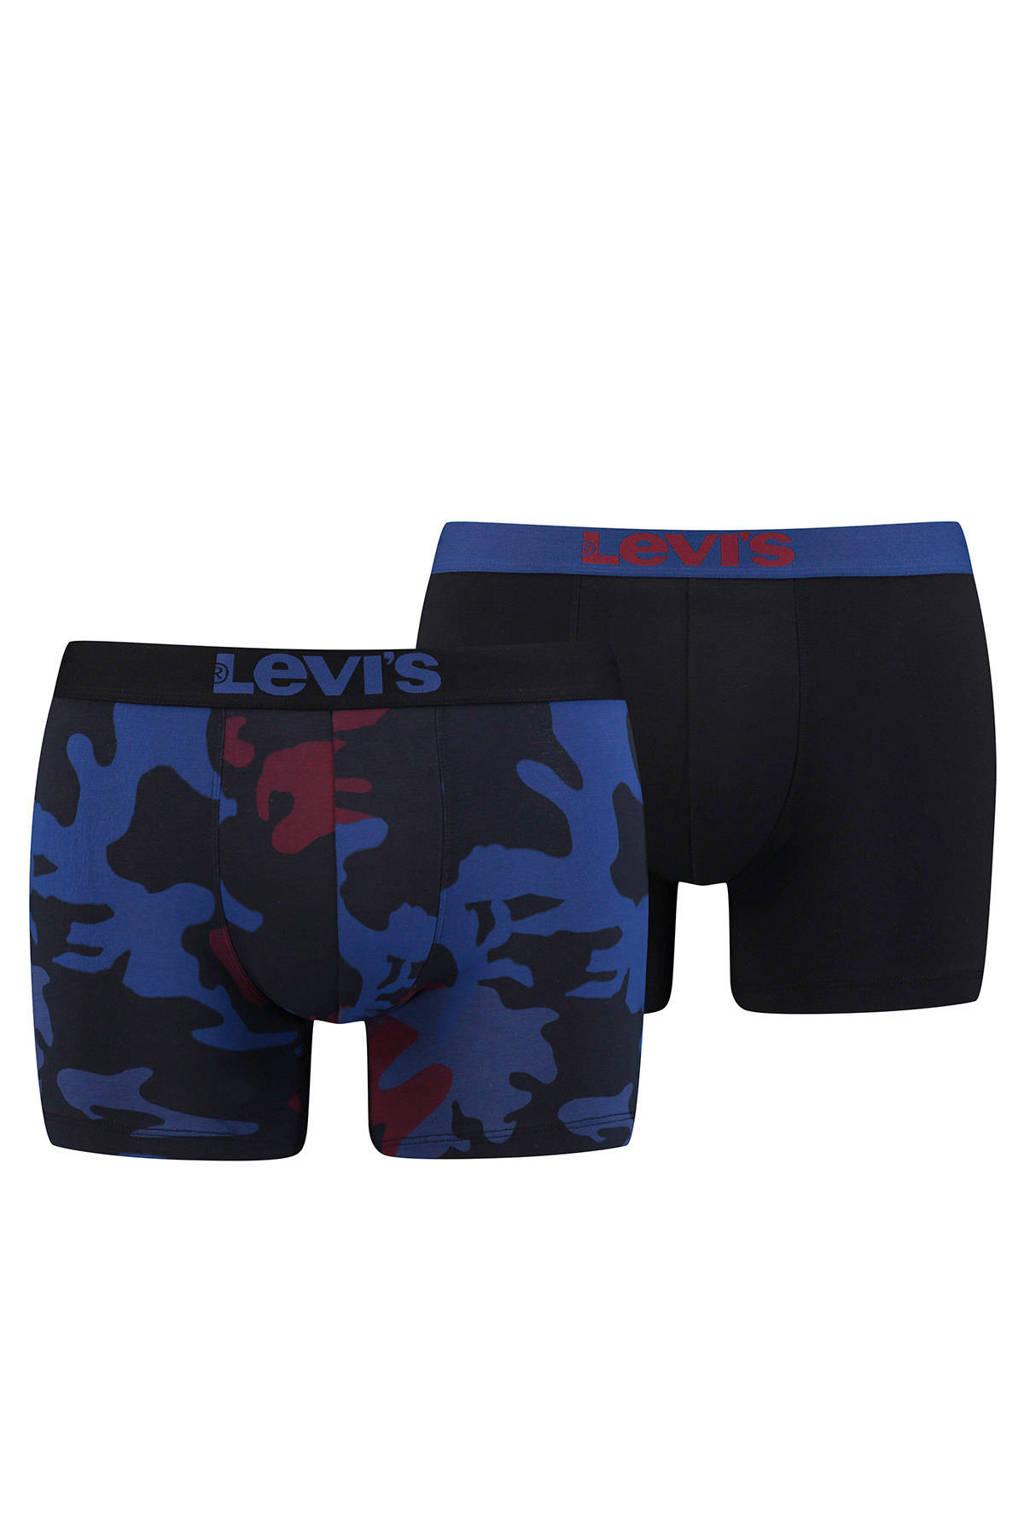 Levi's boxershort (set van 2), Blauw/zwart